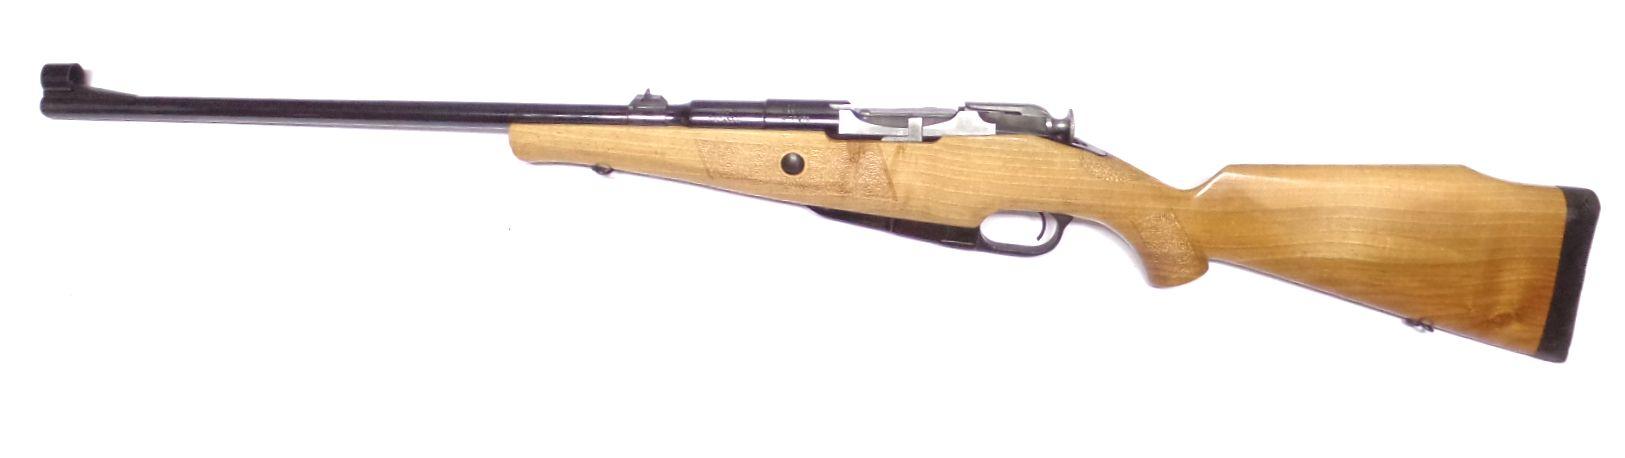 MAZALAT BP3 calibre 7.62x54R